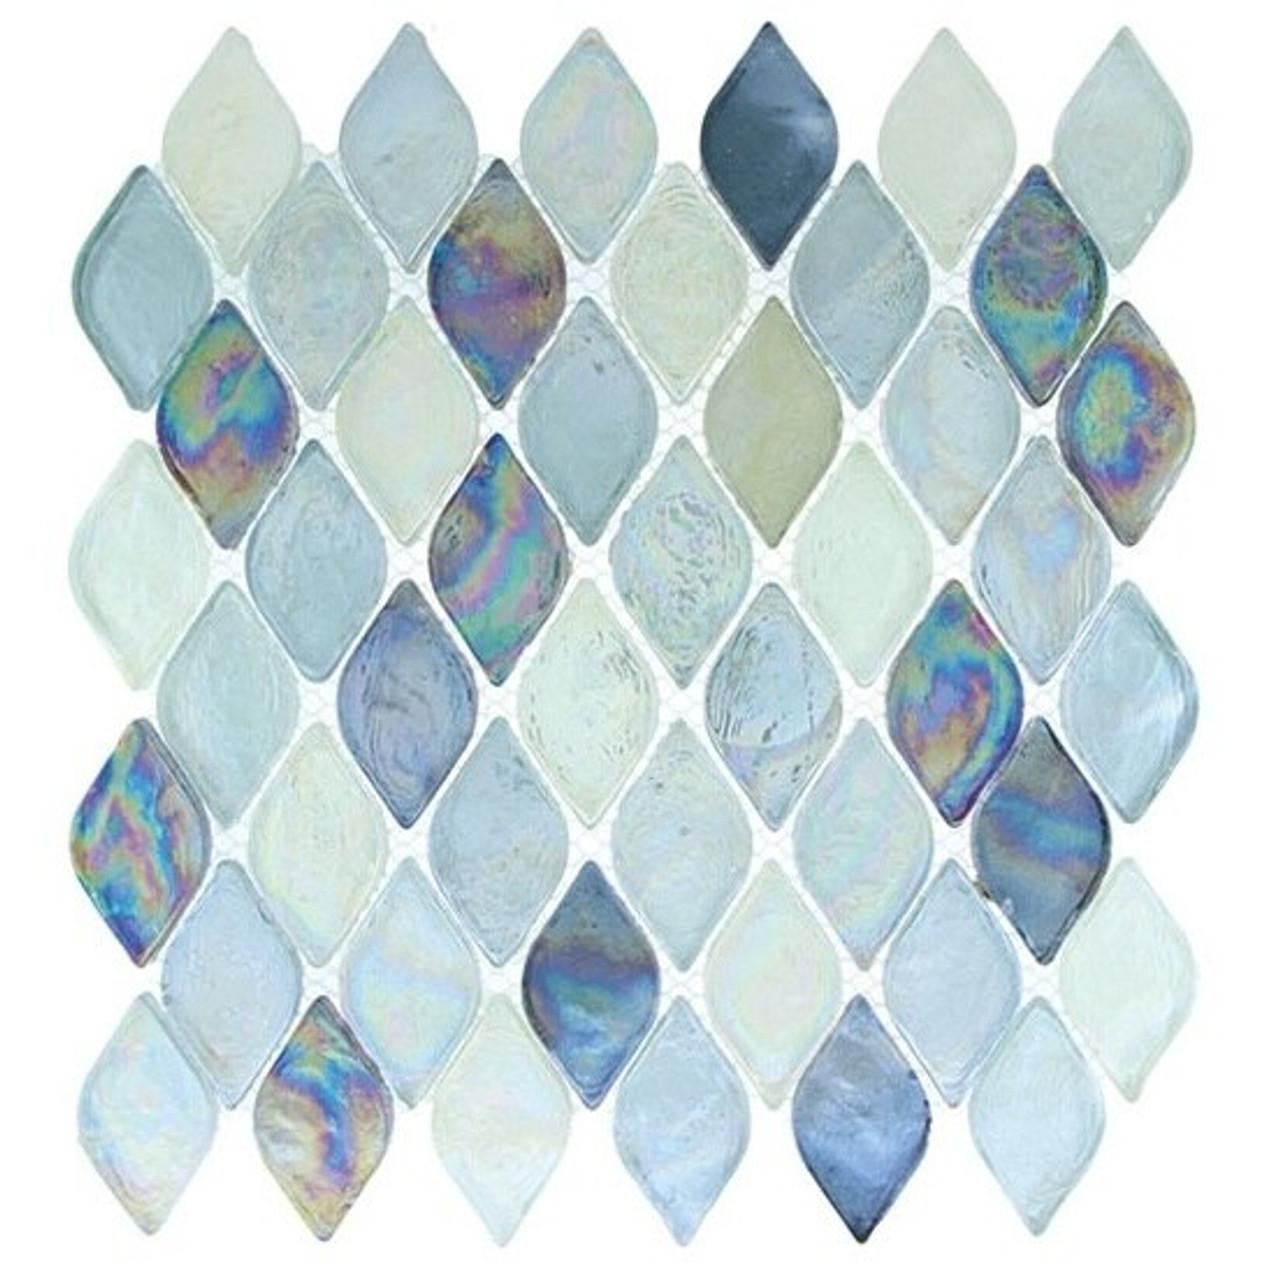 Bella Glass Tiles Aquatica Series Atlantis